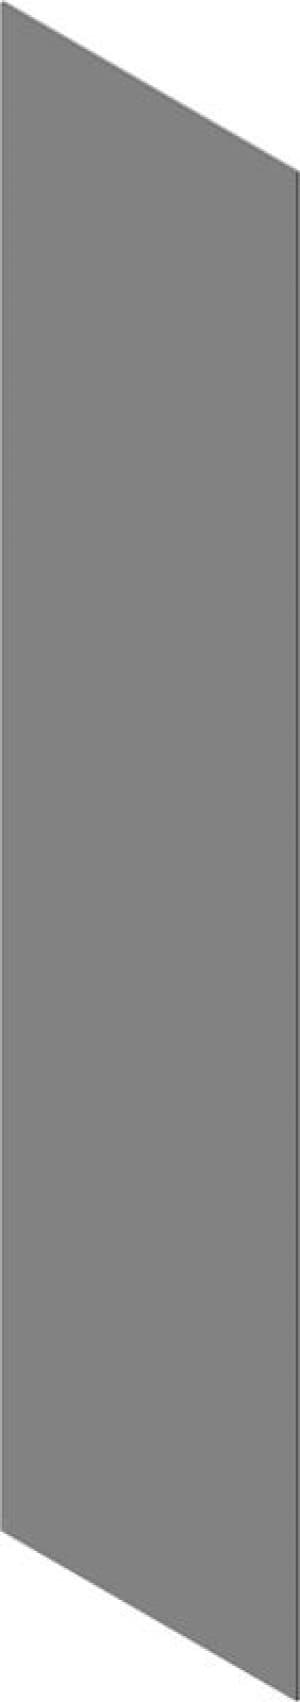 25.Лист деталь, размером 1500*3350